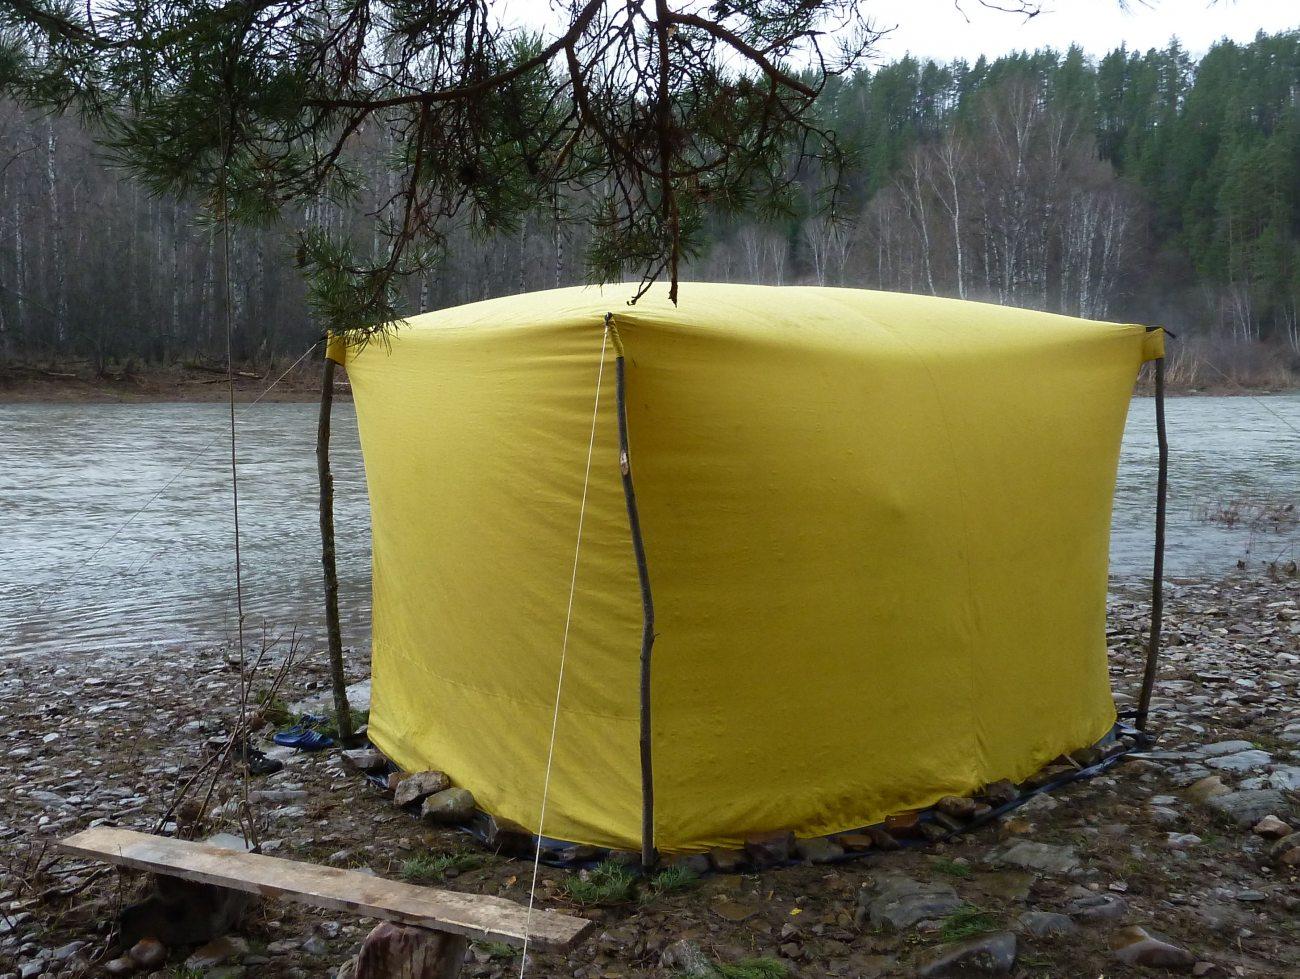 Походная баня - делаем своими руками из палатки и полиэтилена: видео, фото, выкройки и чертежи